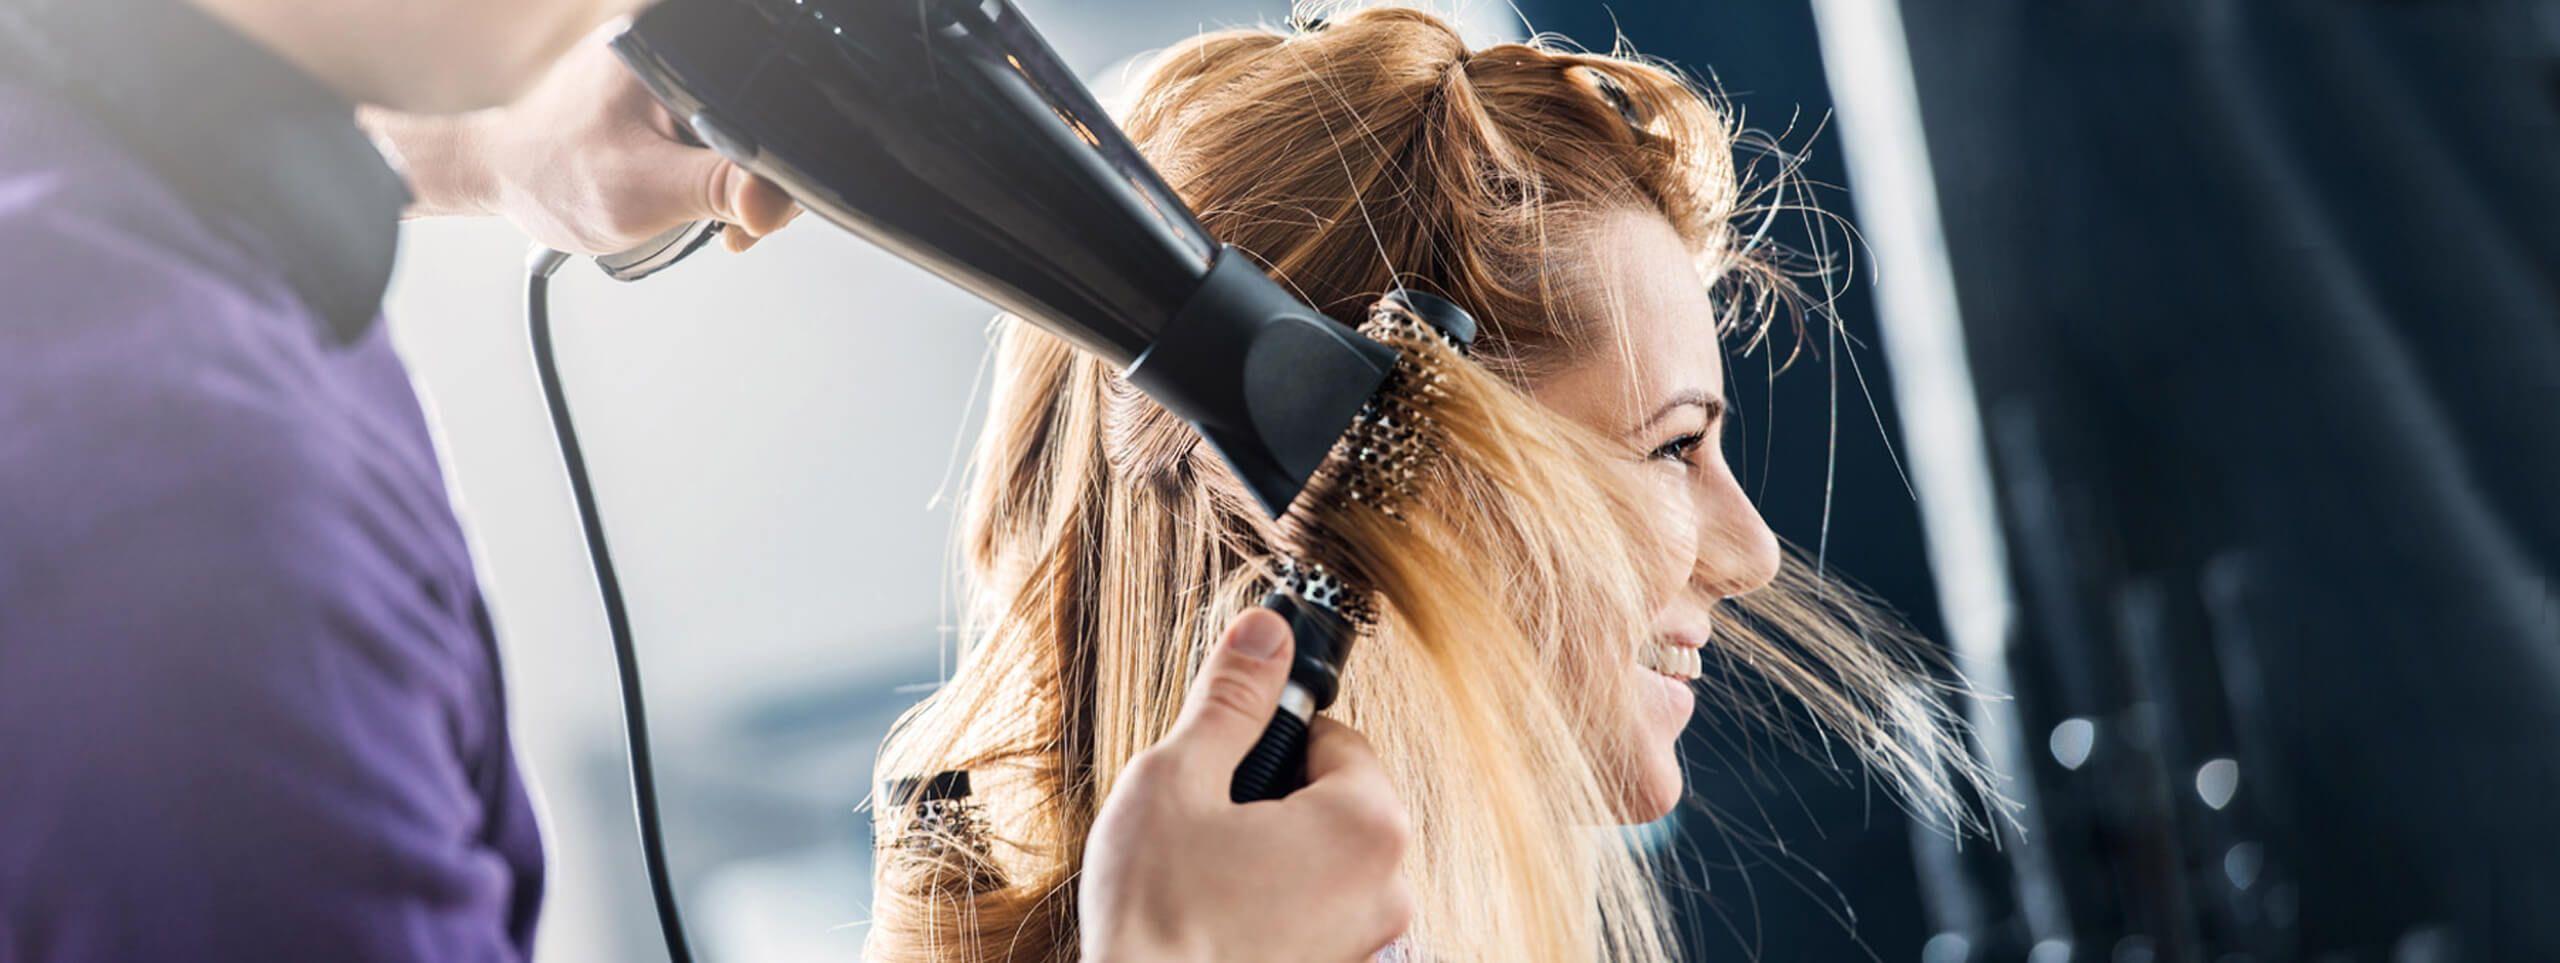 Укладка волос у парикмахера